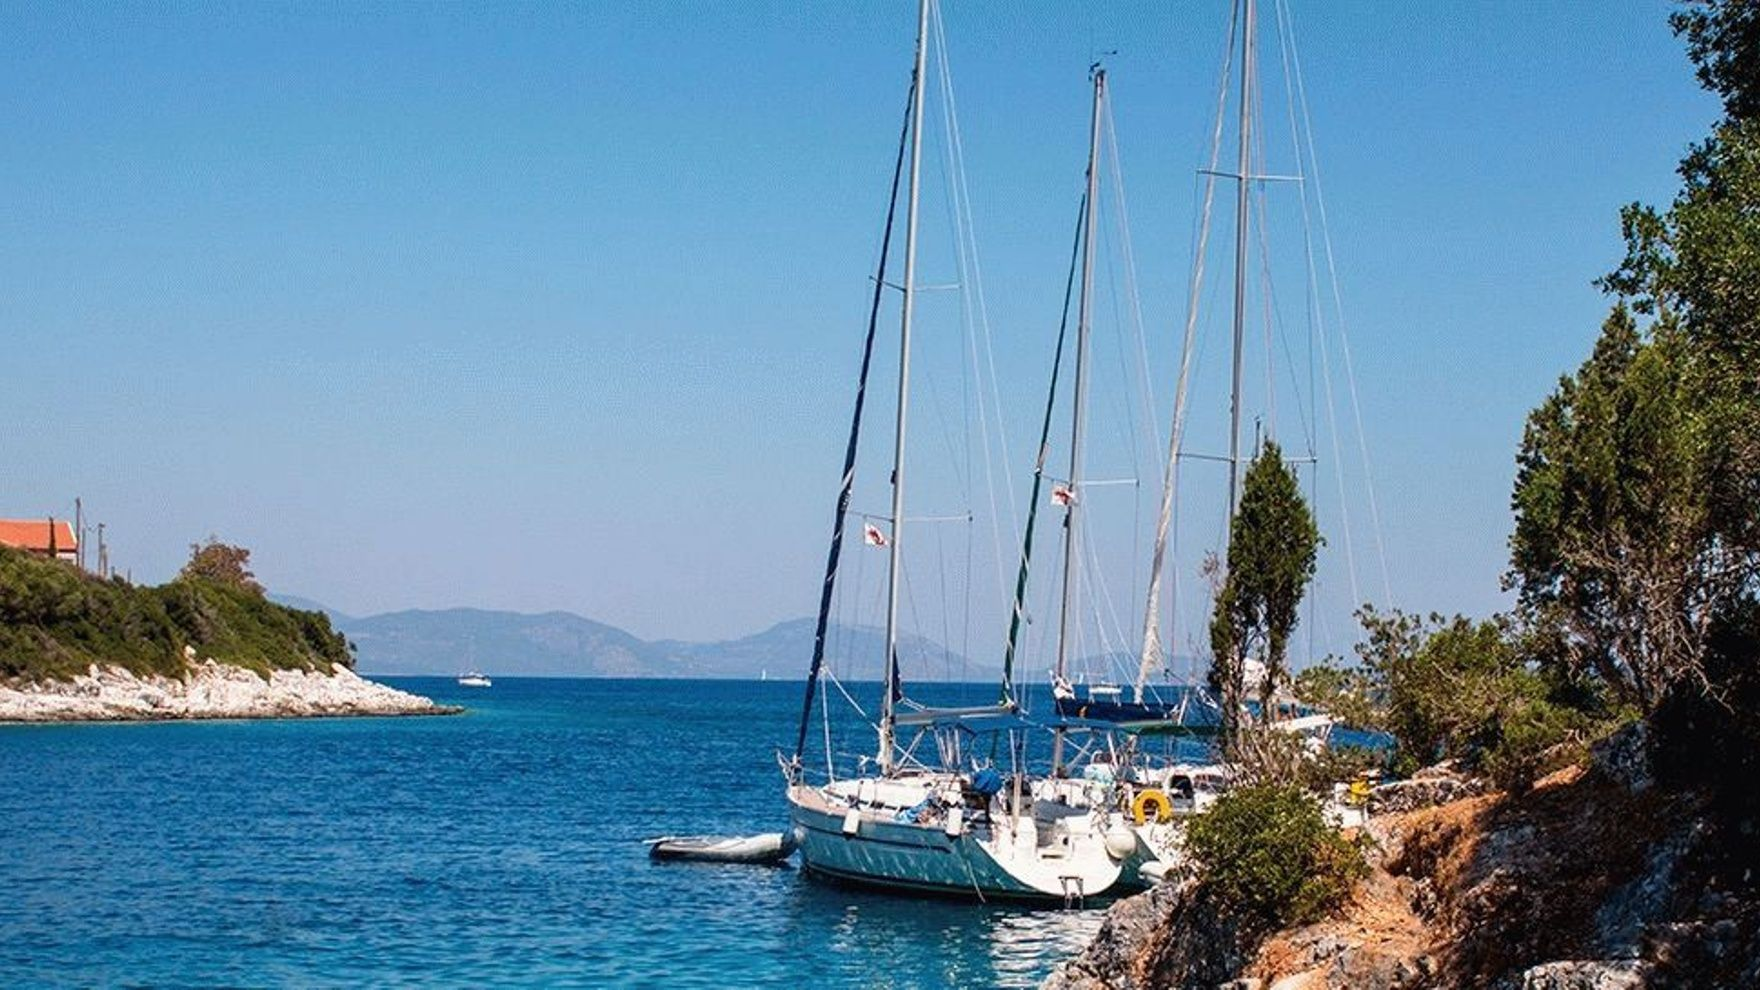 С ветром! В Грецию.